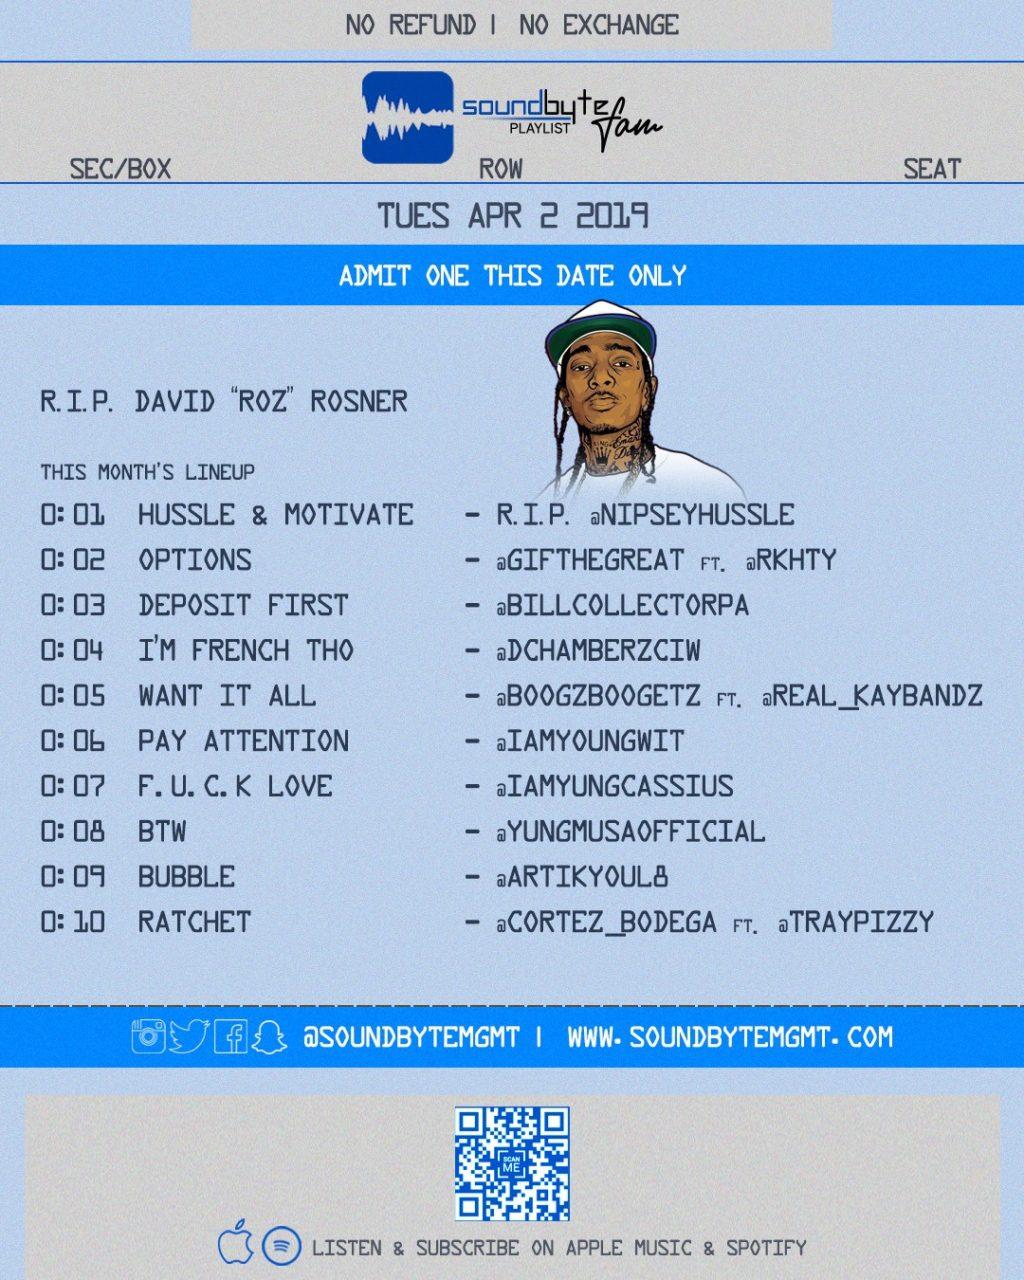 soundbyteFam Ticket